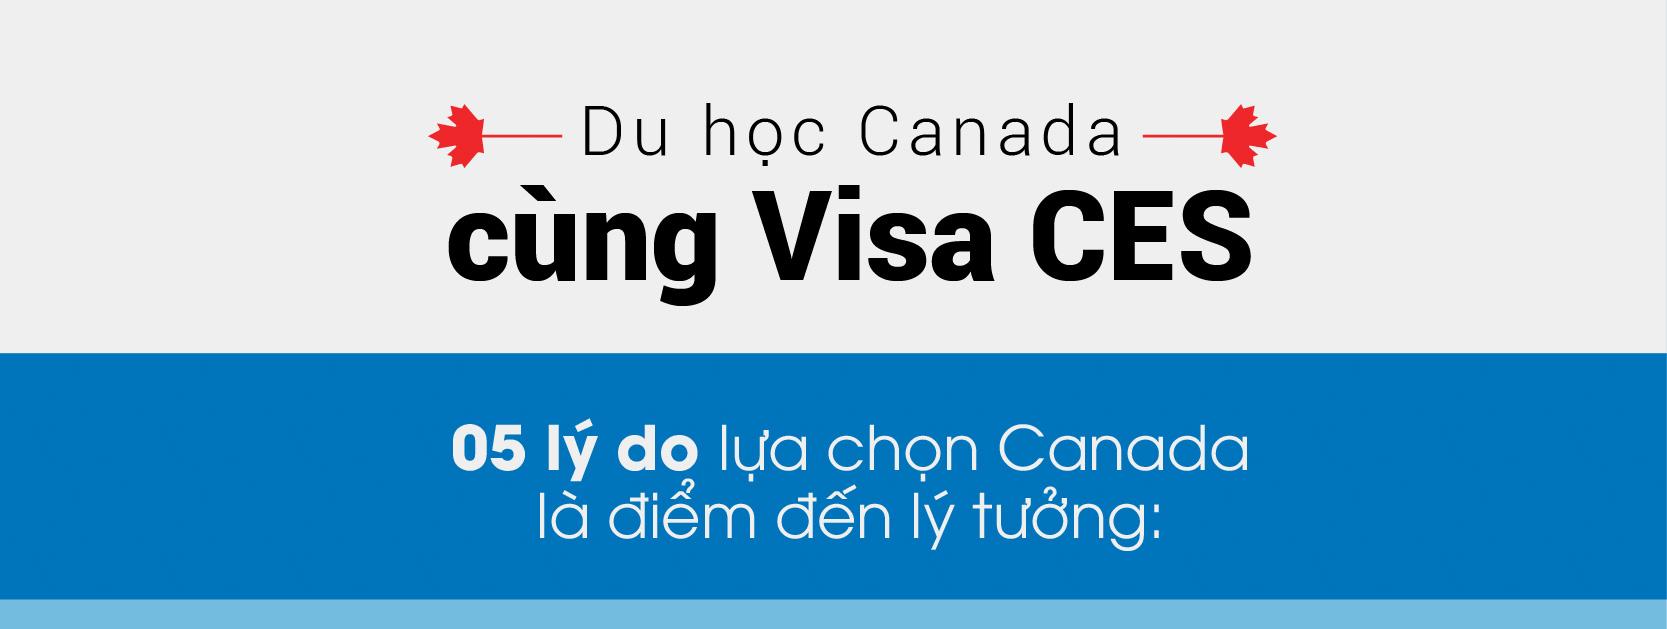 Du học cao đẳng nghề Canada với visa CES - Cơ hội định cư